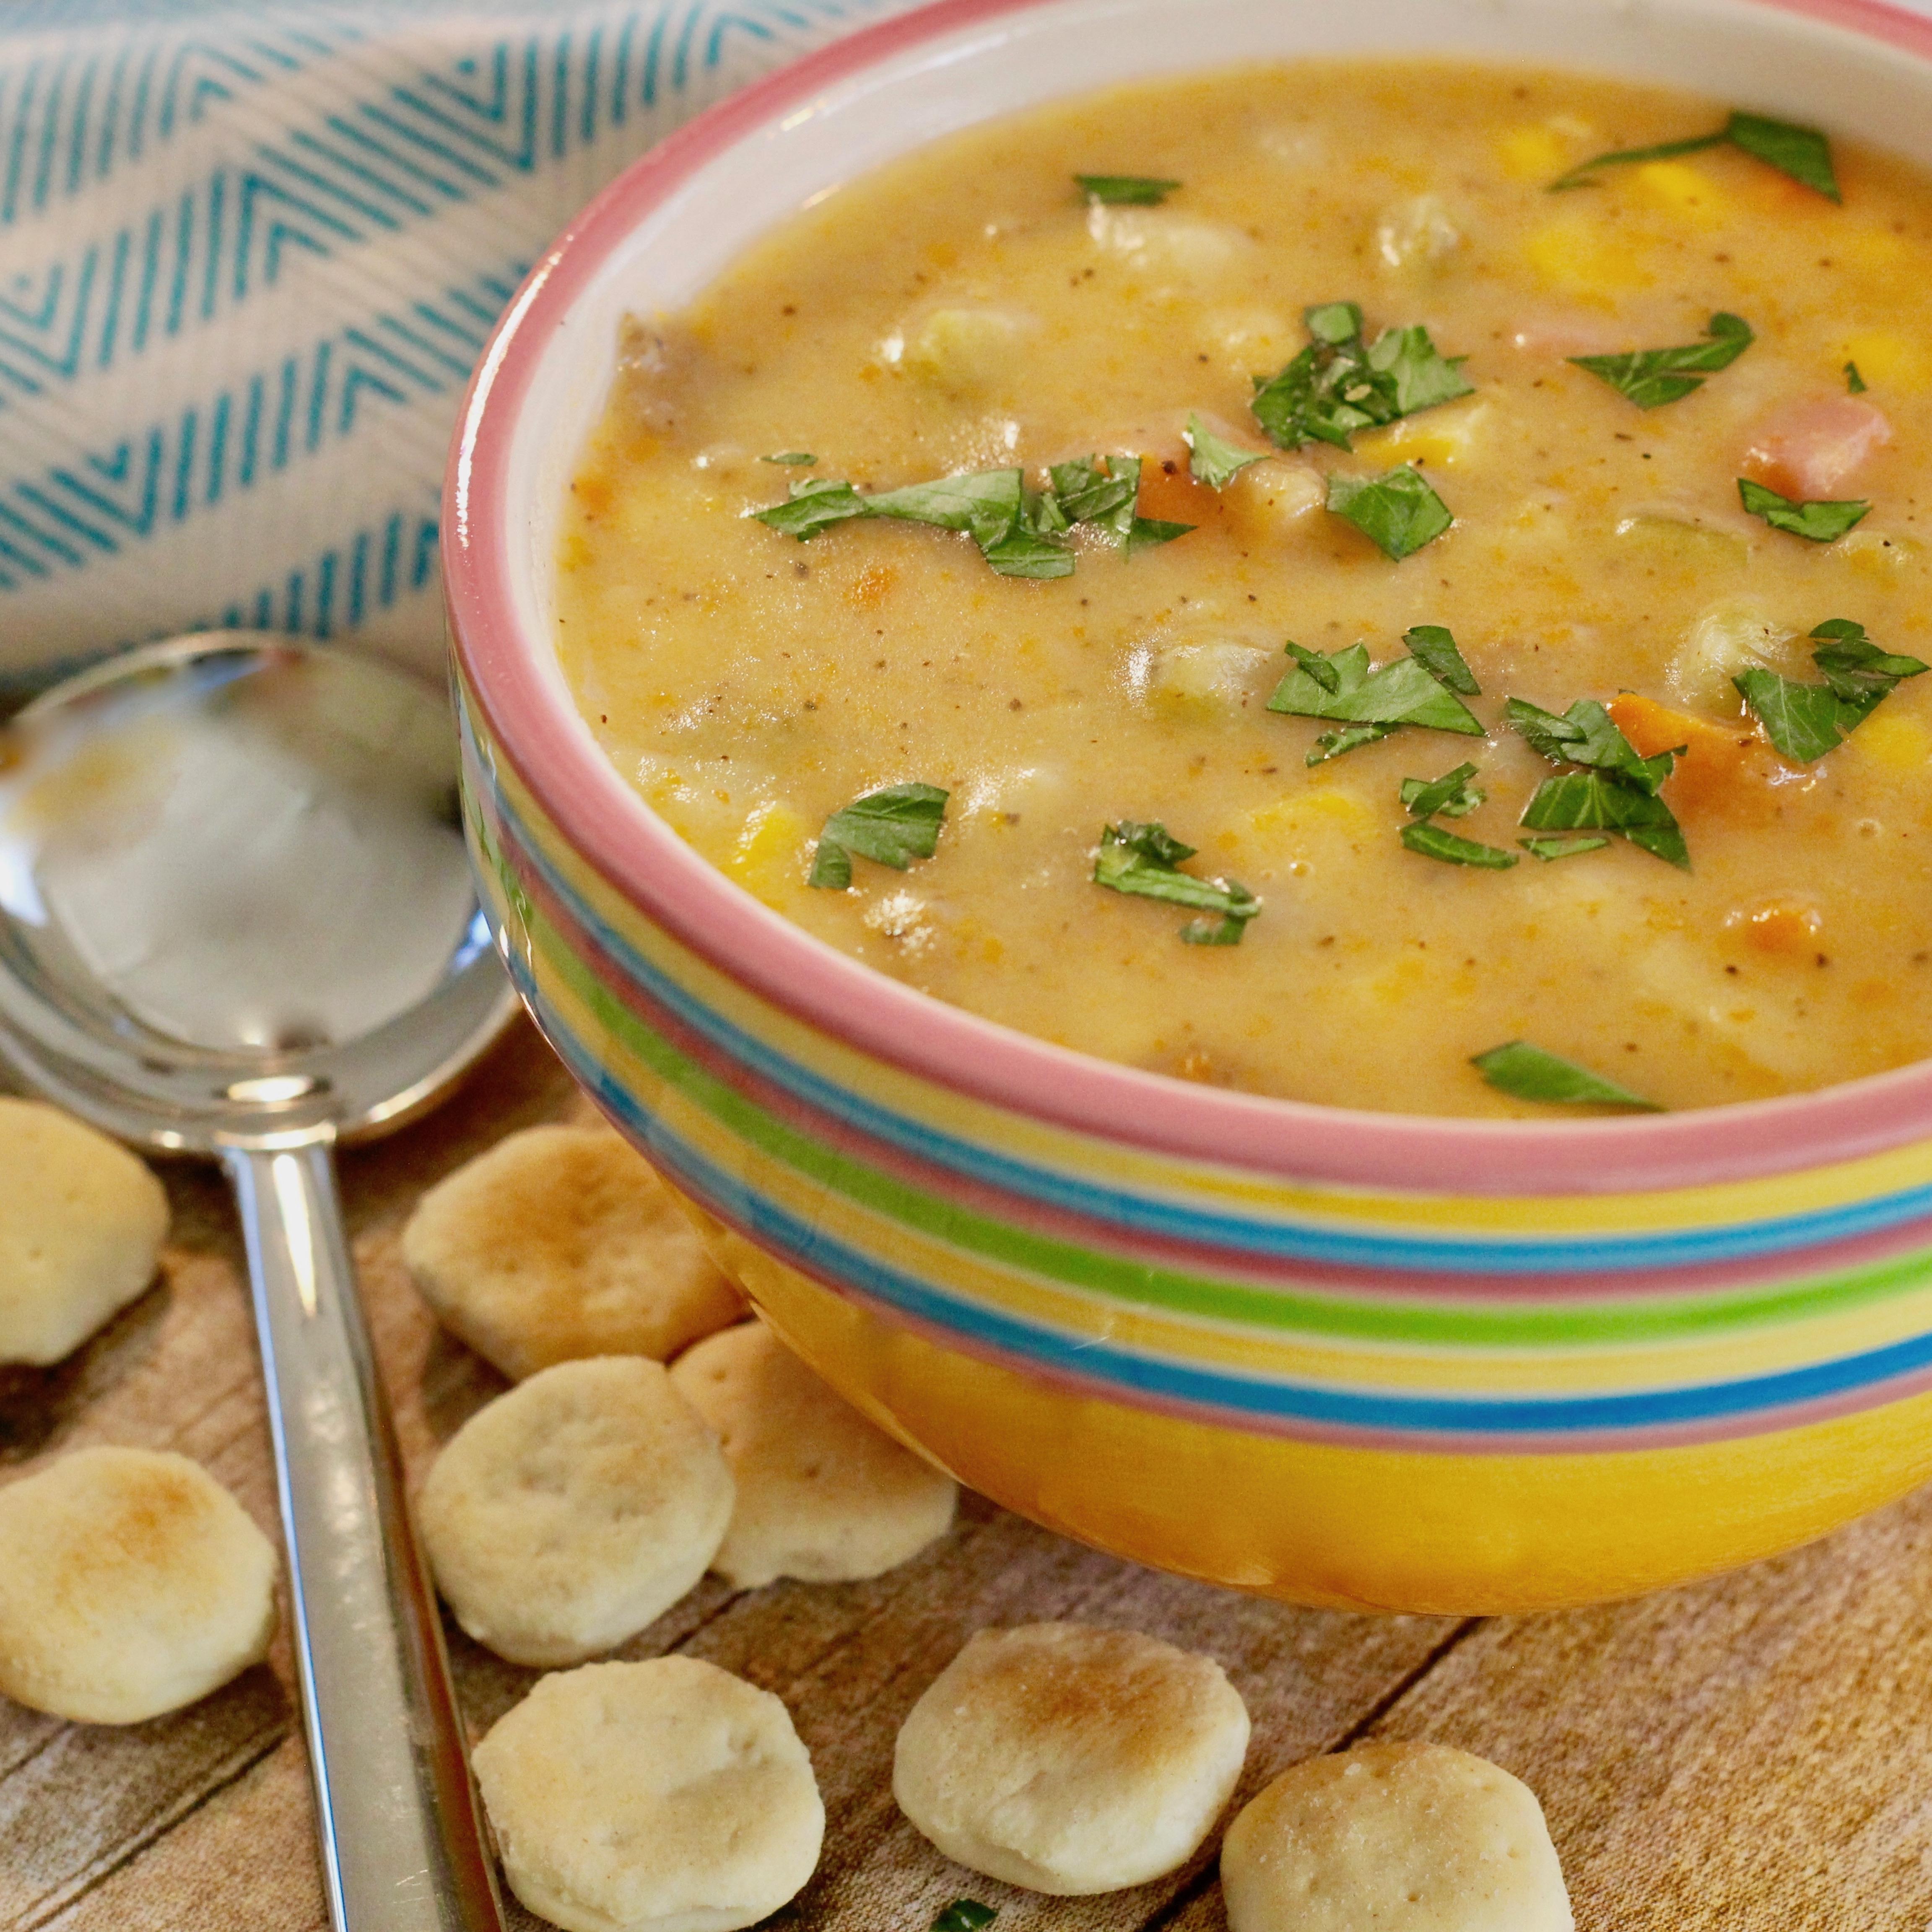 Potato Soup or Chowder